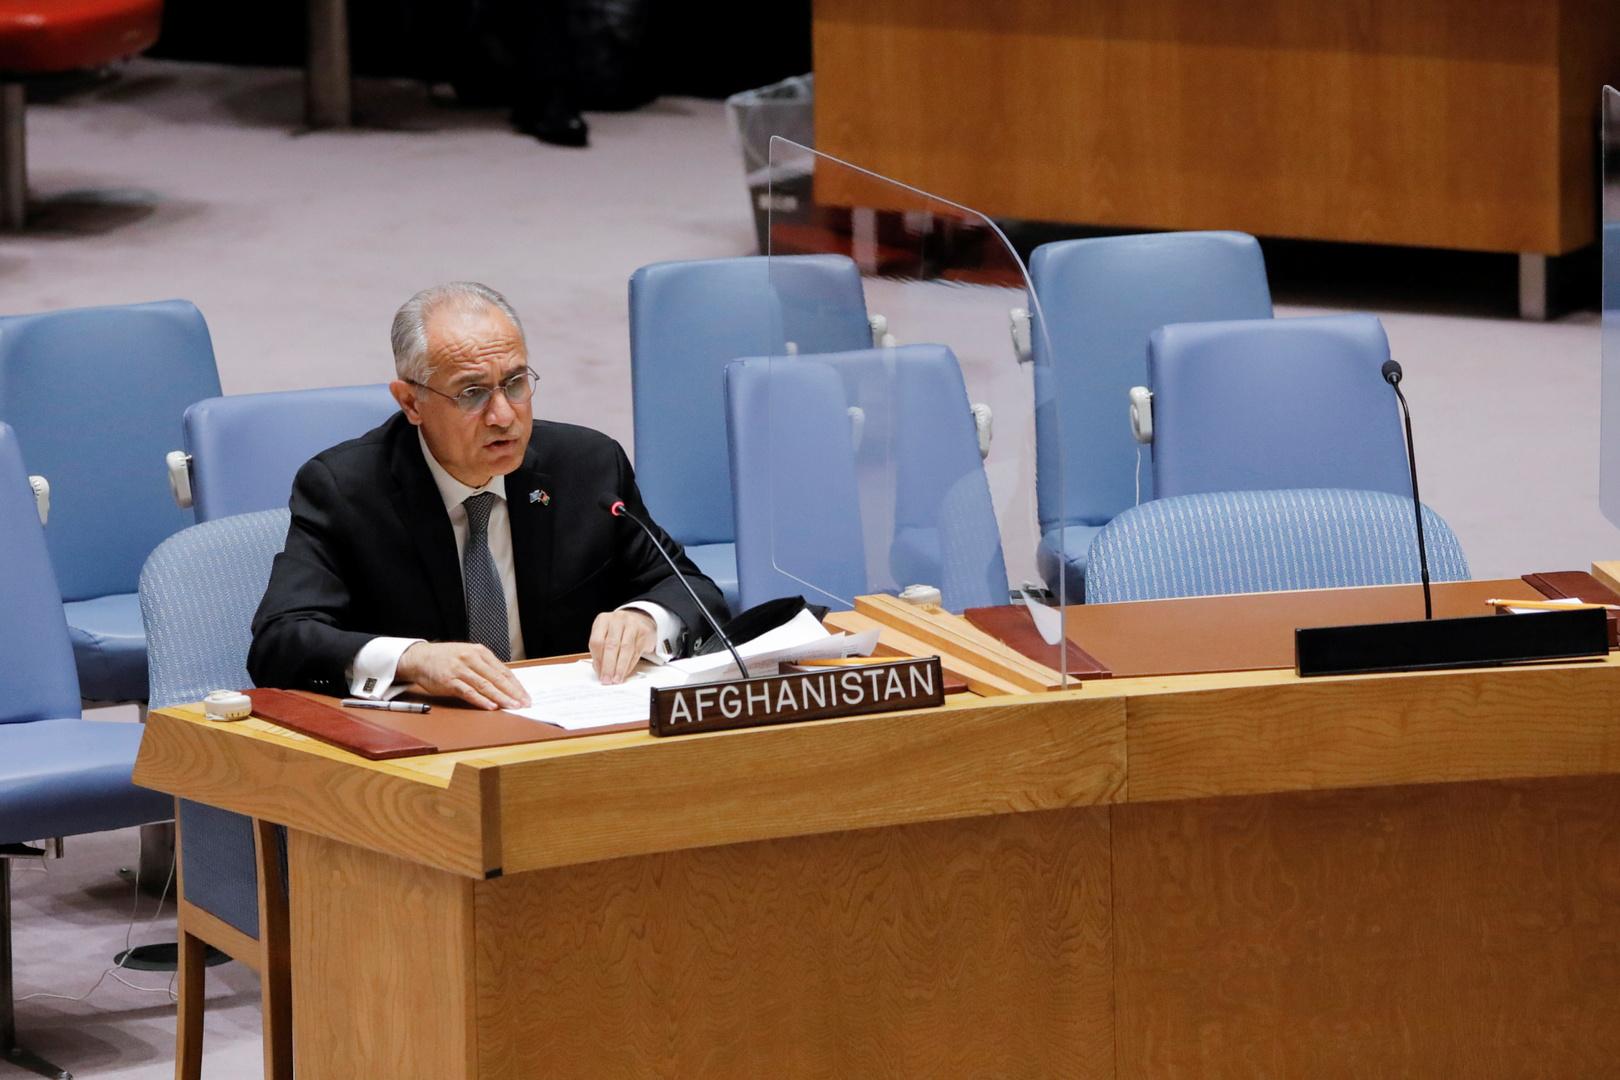 مندوب أفغانستان لدى الأمم المتحدة غلام إسحاقزي